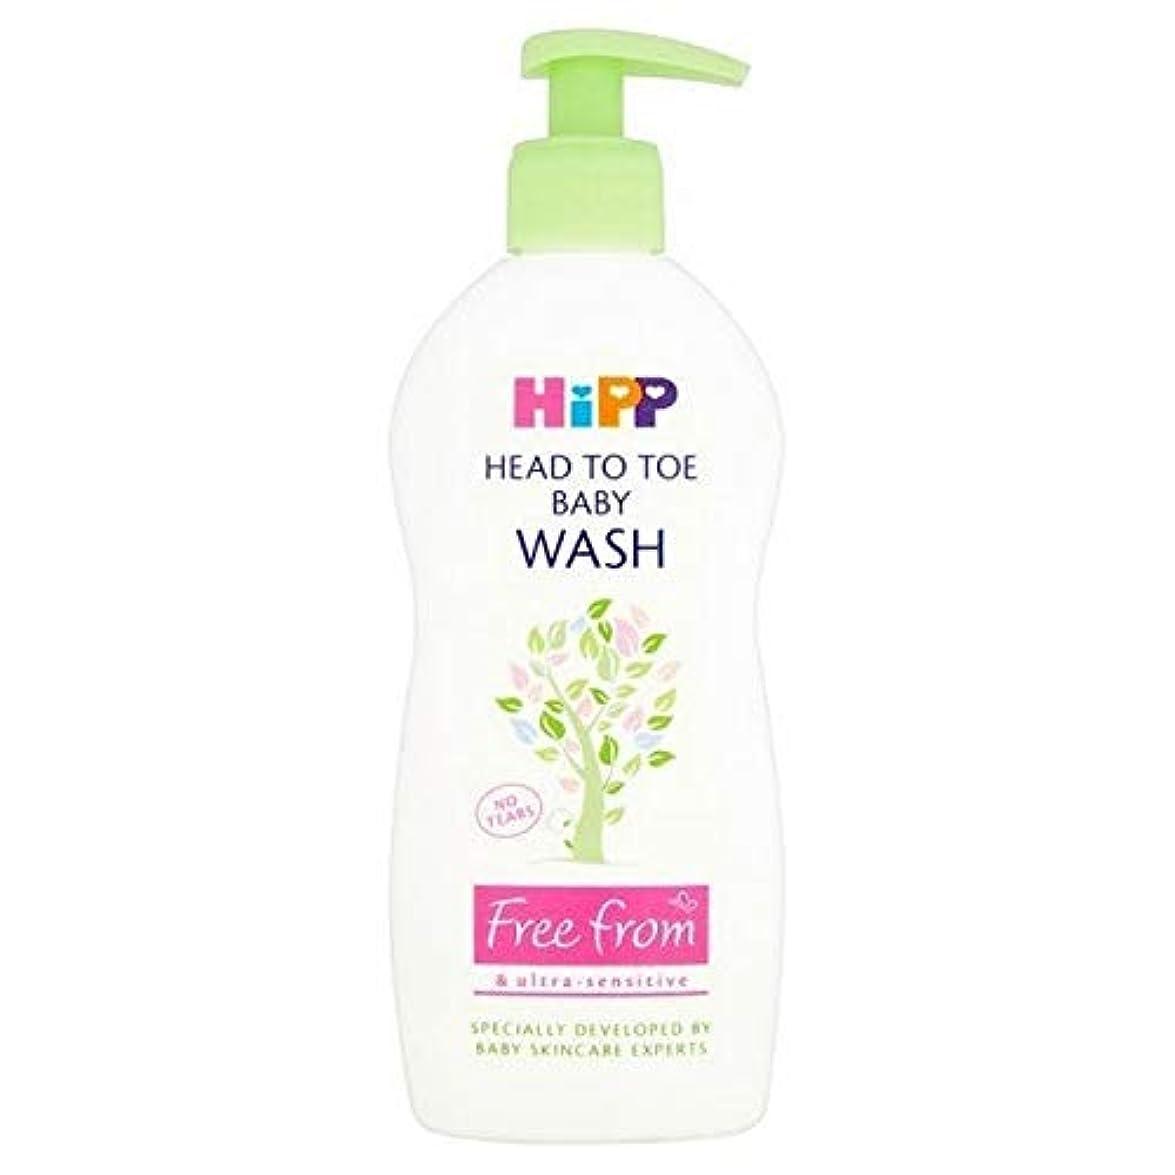 シーケンス不振作物[Hipp ] 頭からつま先洗浄400ミリリットルにヒップ無料 - HiPP Free From Head to Toe Wash 400ml [並行輸入品]